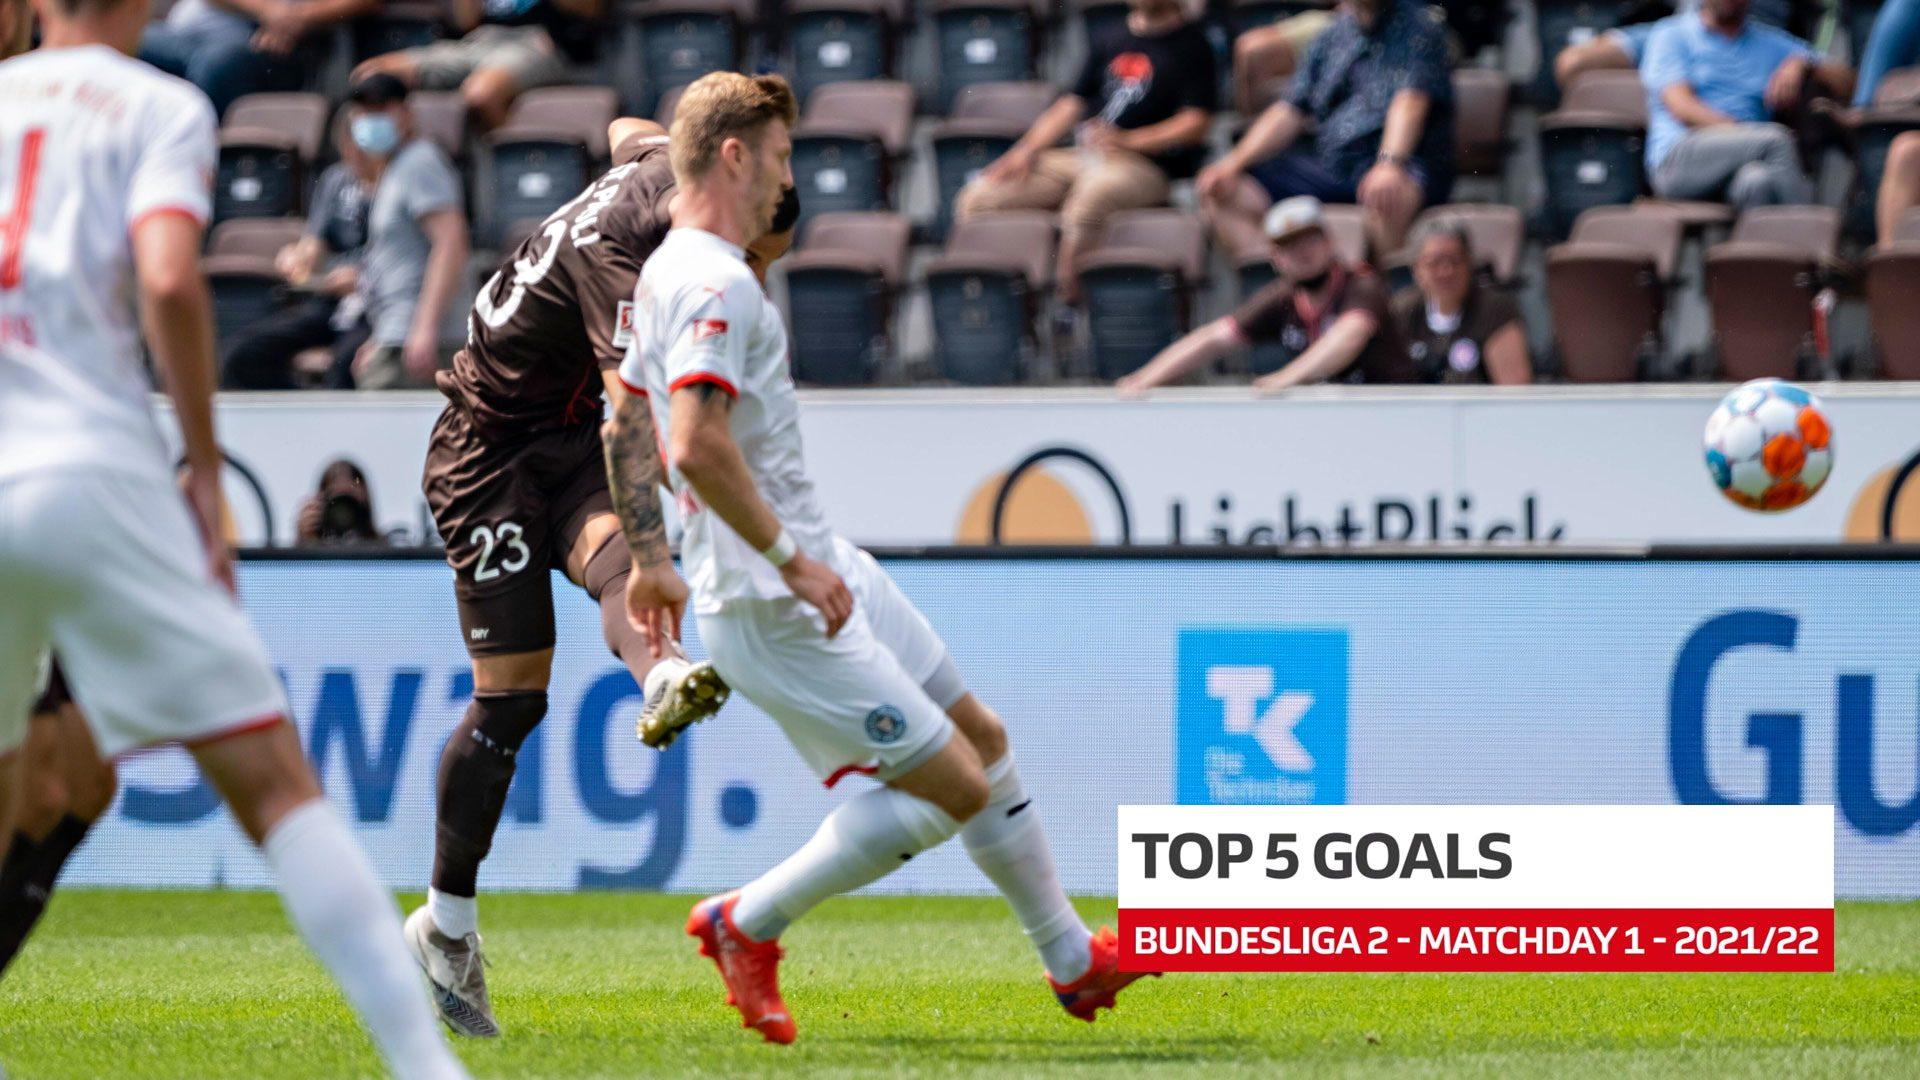 2. Bundesliga: Fünf Top-Tore des 1. Spieltags